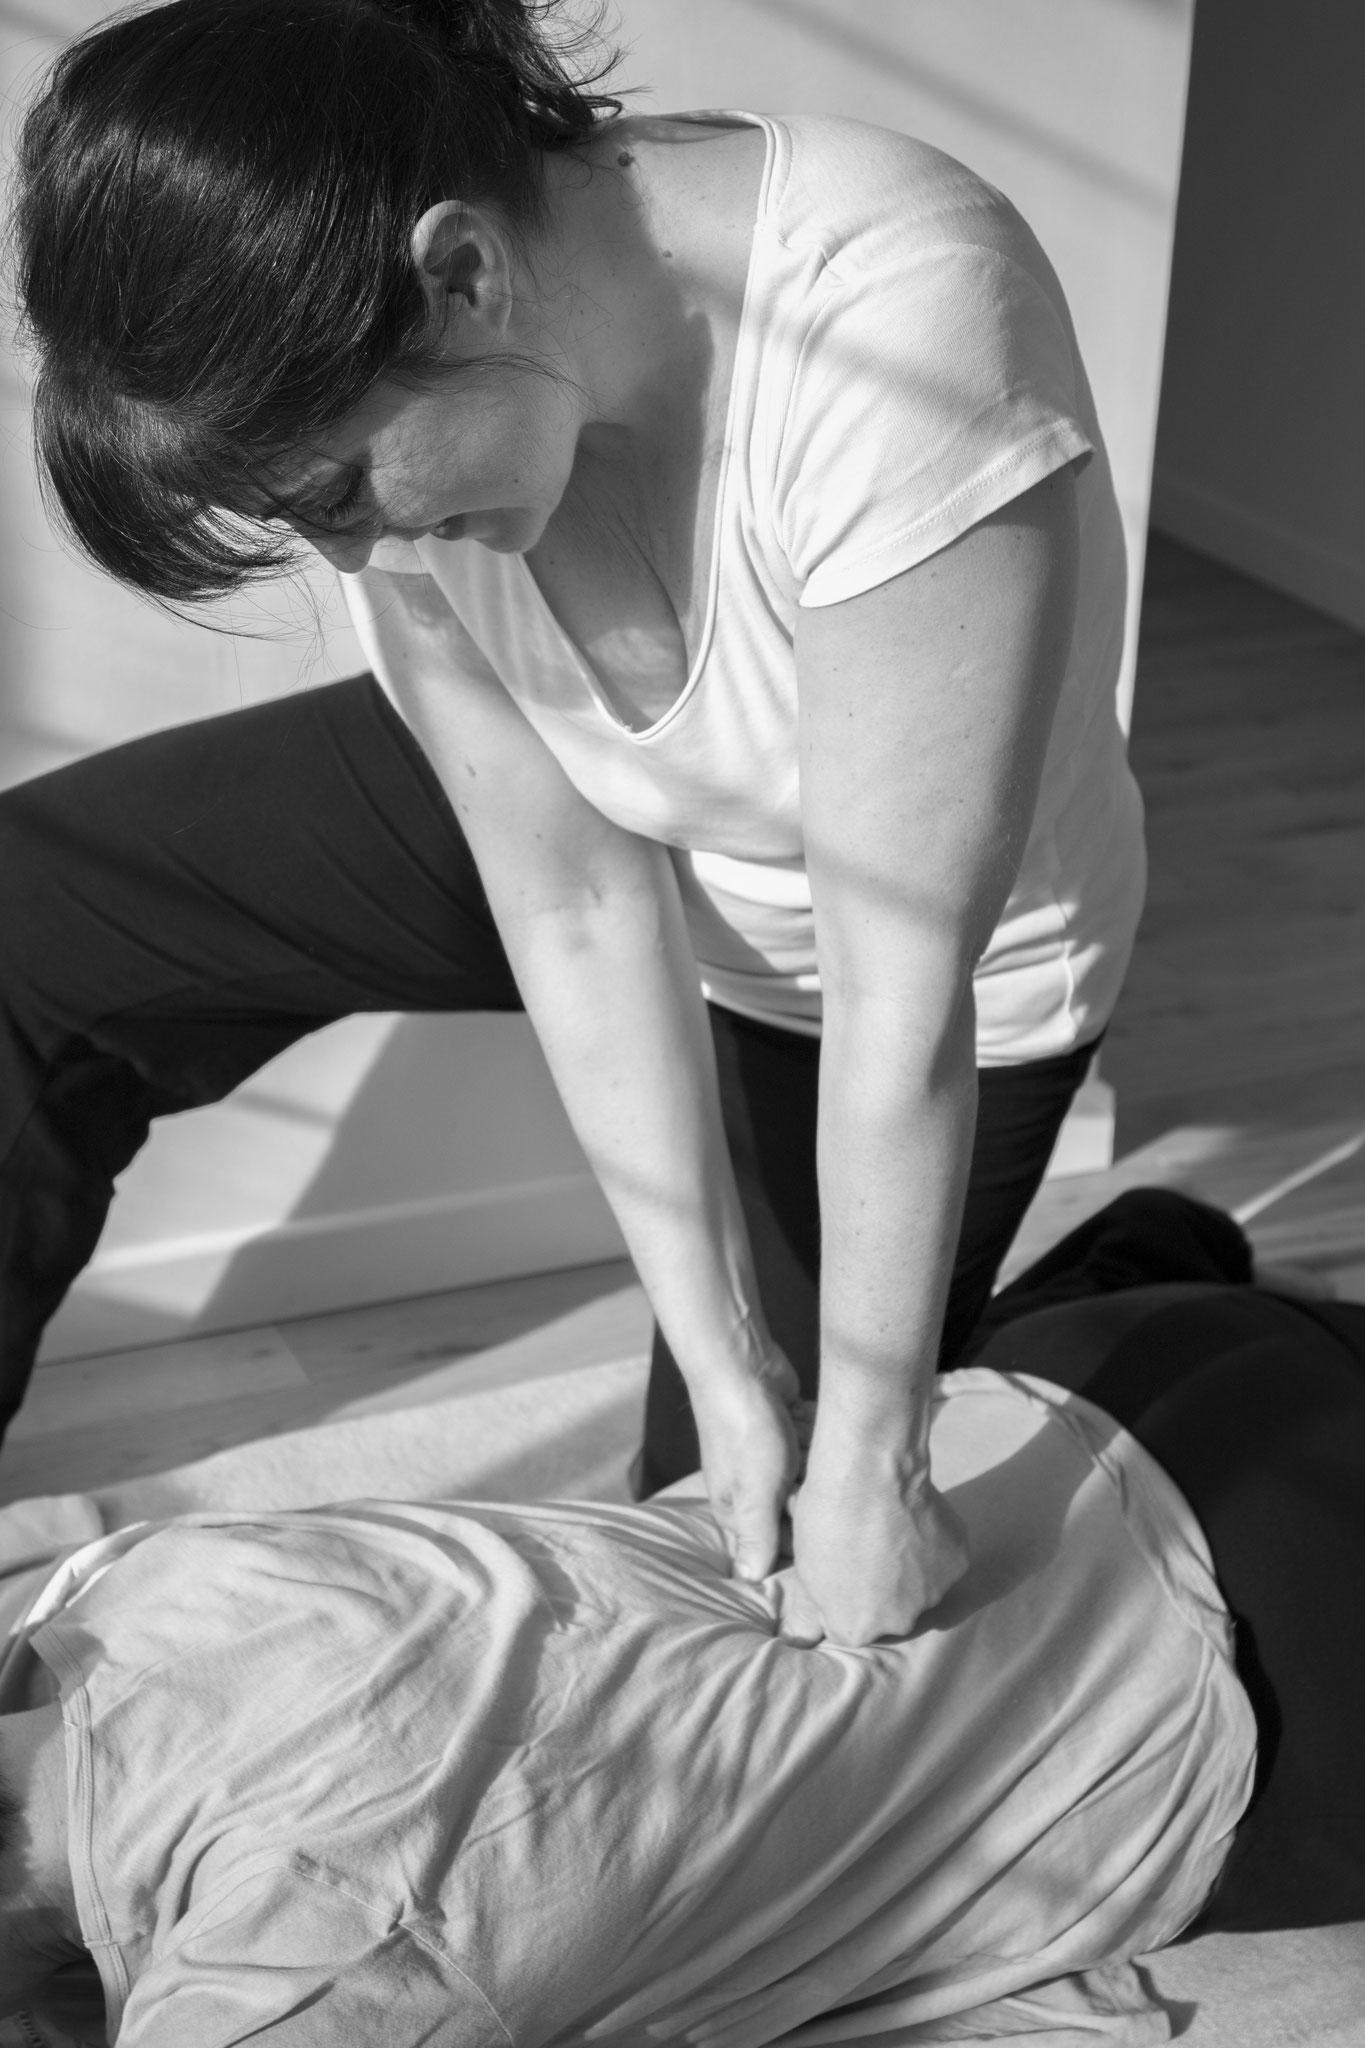 Shiatsu. Dénouer les tensions, appaiser, rééquilibrer le corps et les émotions. Refaire circuler l'énergie. (crédit photo : Manon Loup-Hadamard)